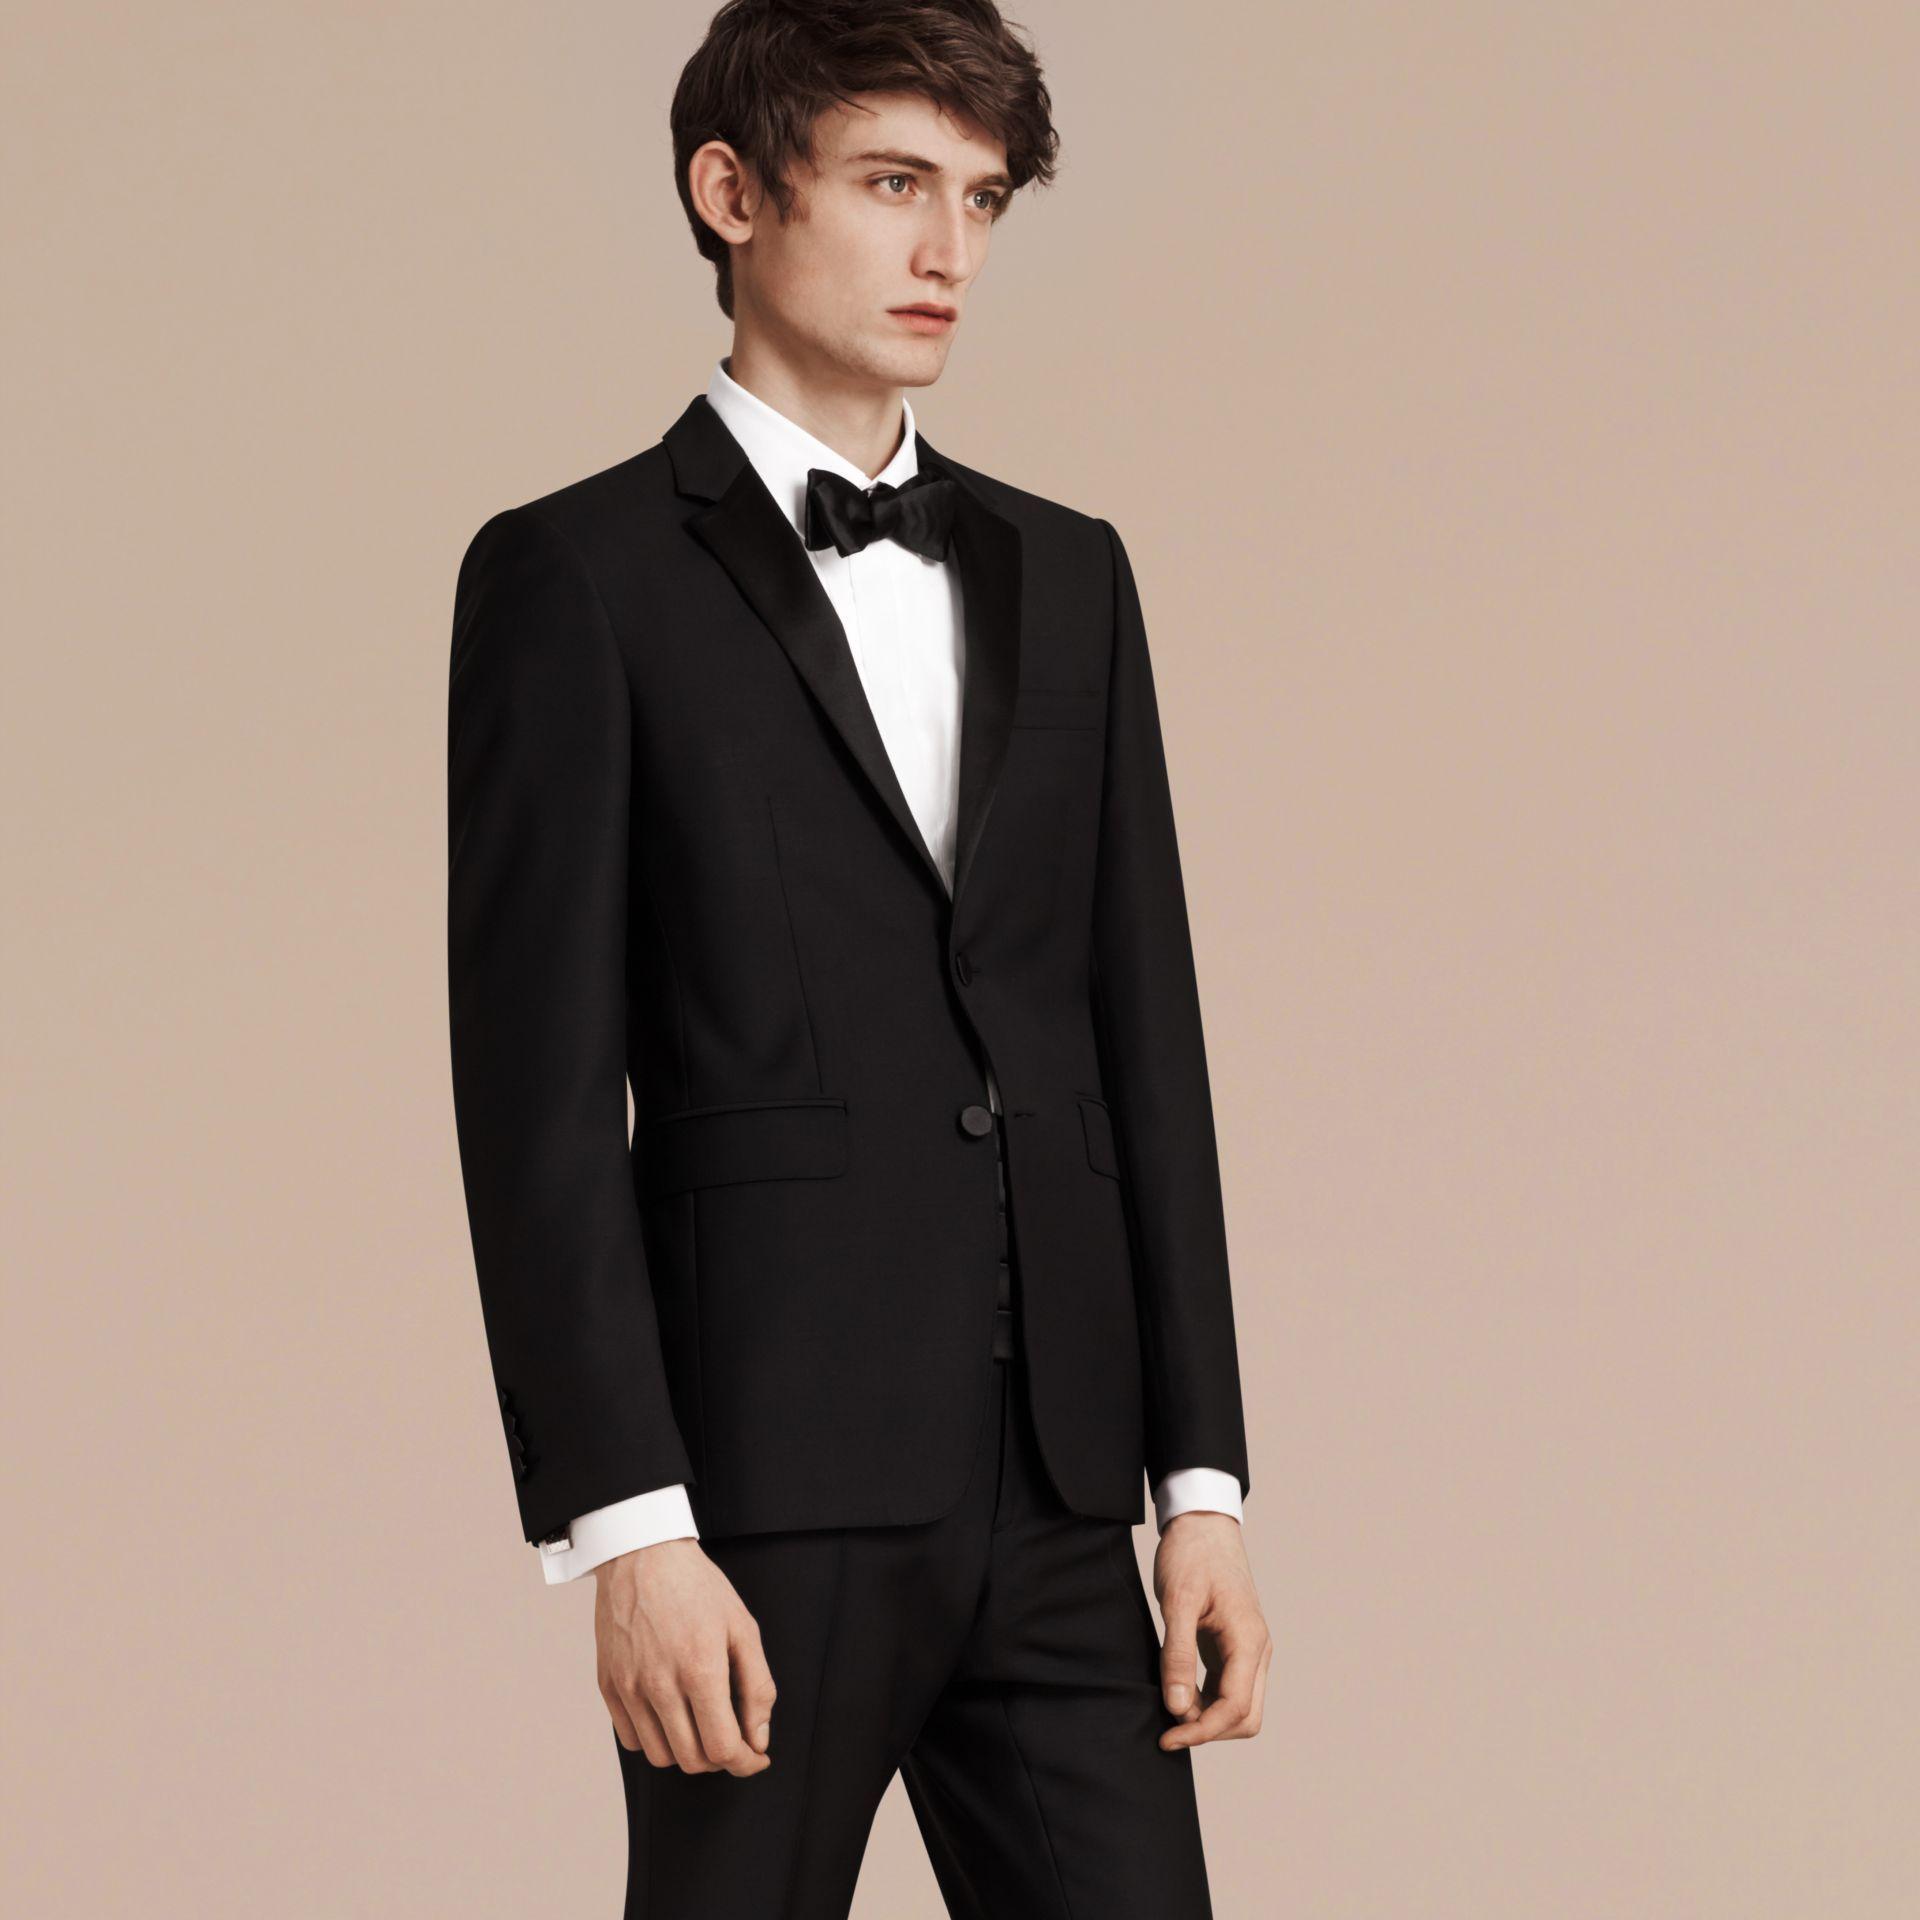 Matrimonio Abito Uomo Nero : Completo uomo tendenze moda autunno inverno